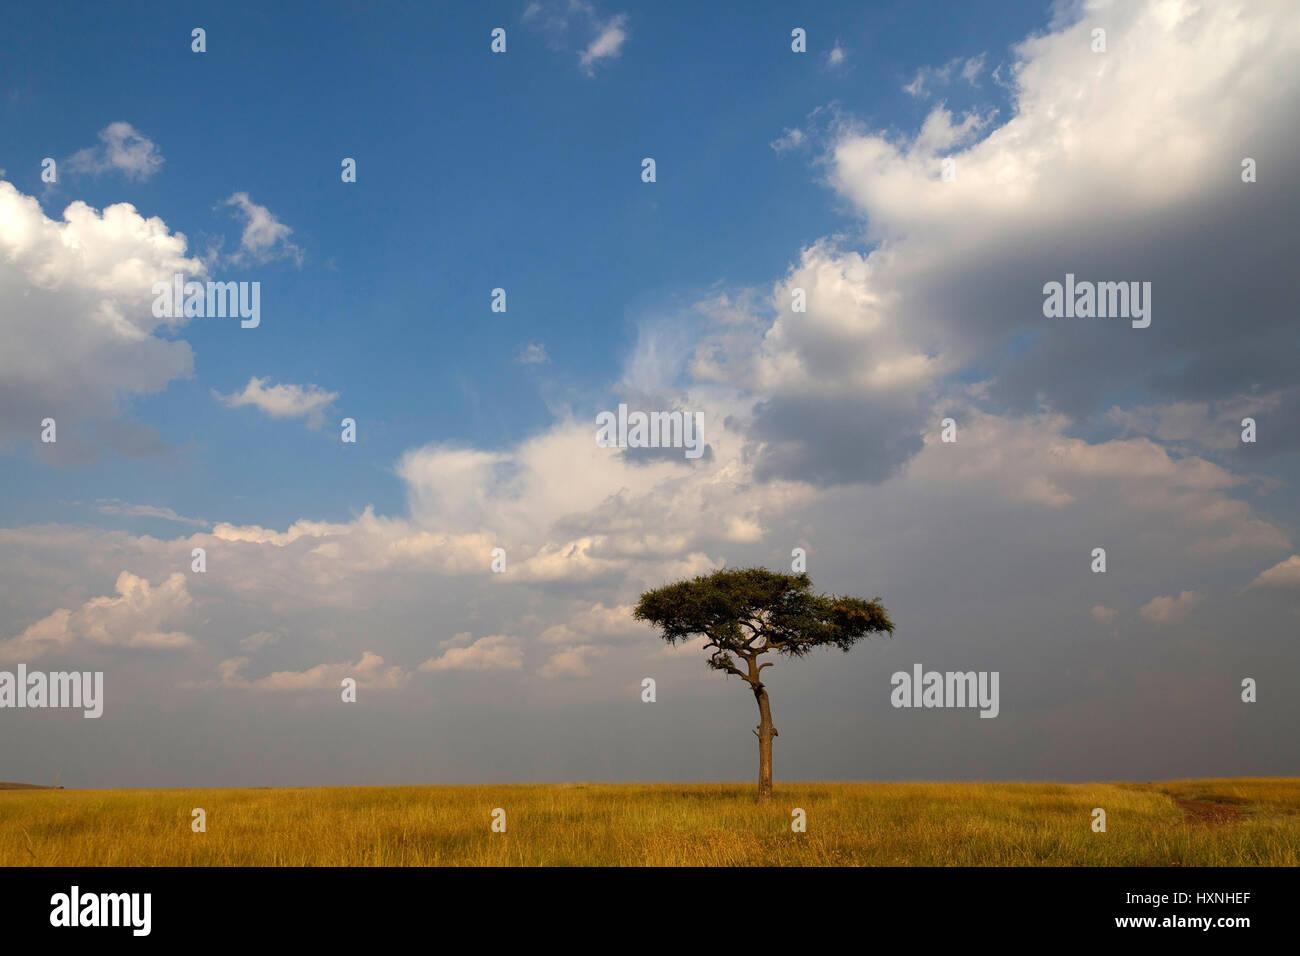 single tree in the savanna with cloud mood, einzelner Baum in der Savanne mit Wolkenstimmung  Masai Mara, Kenia - Stock Image